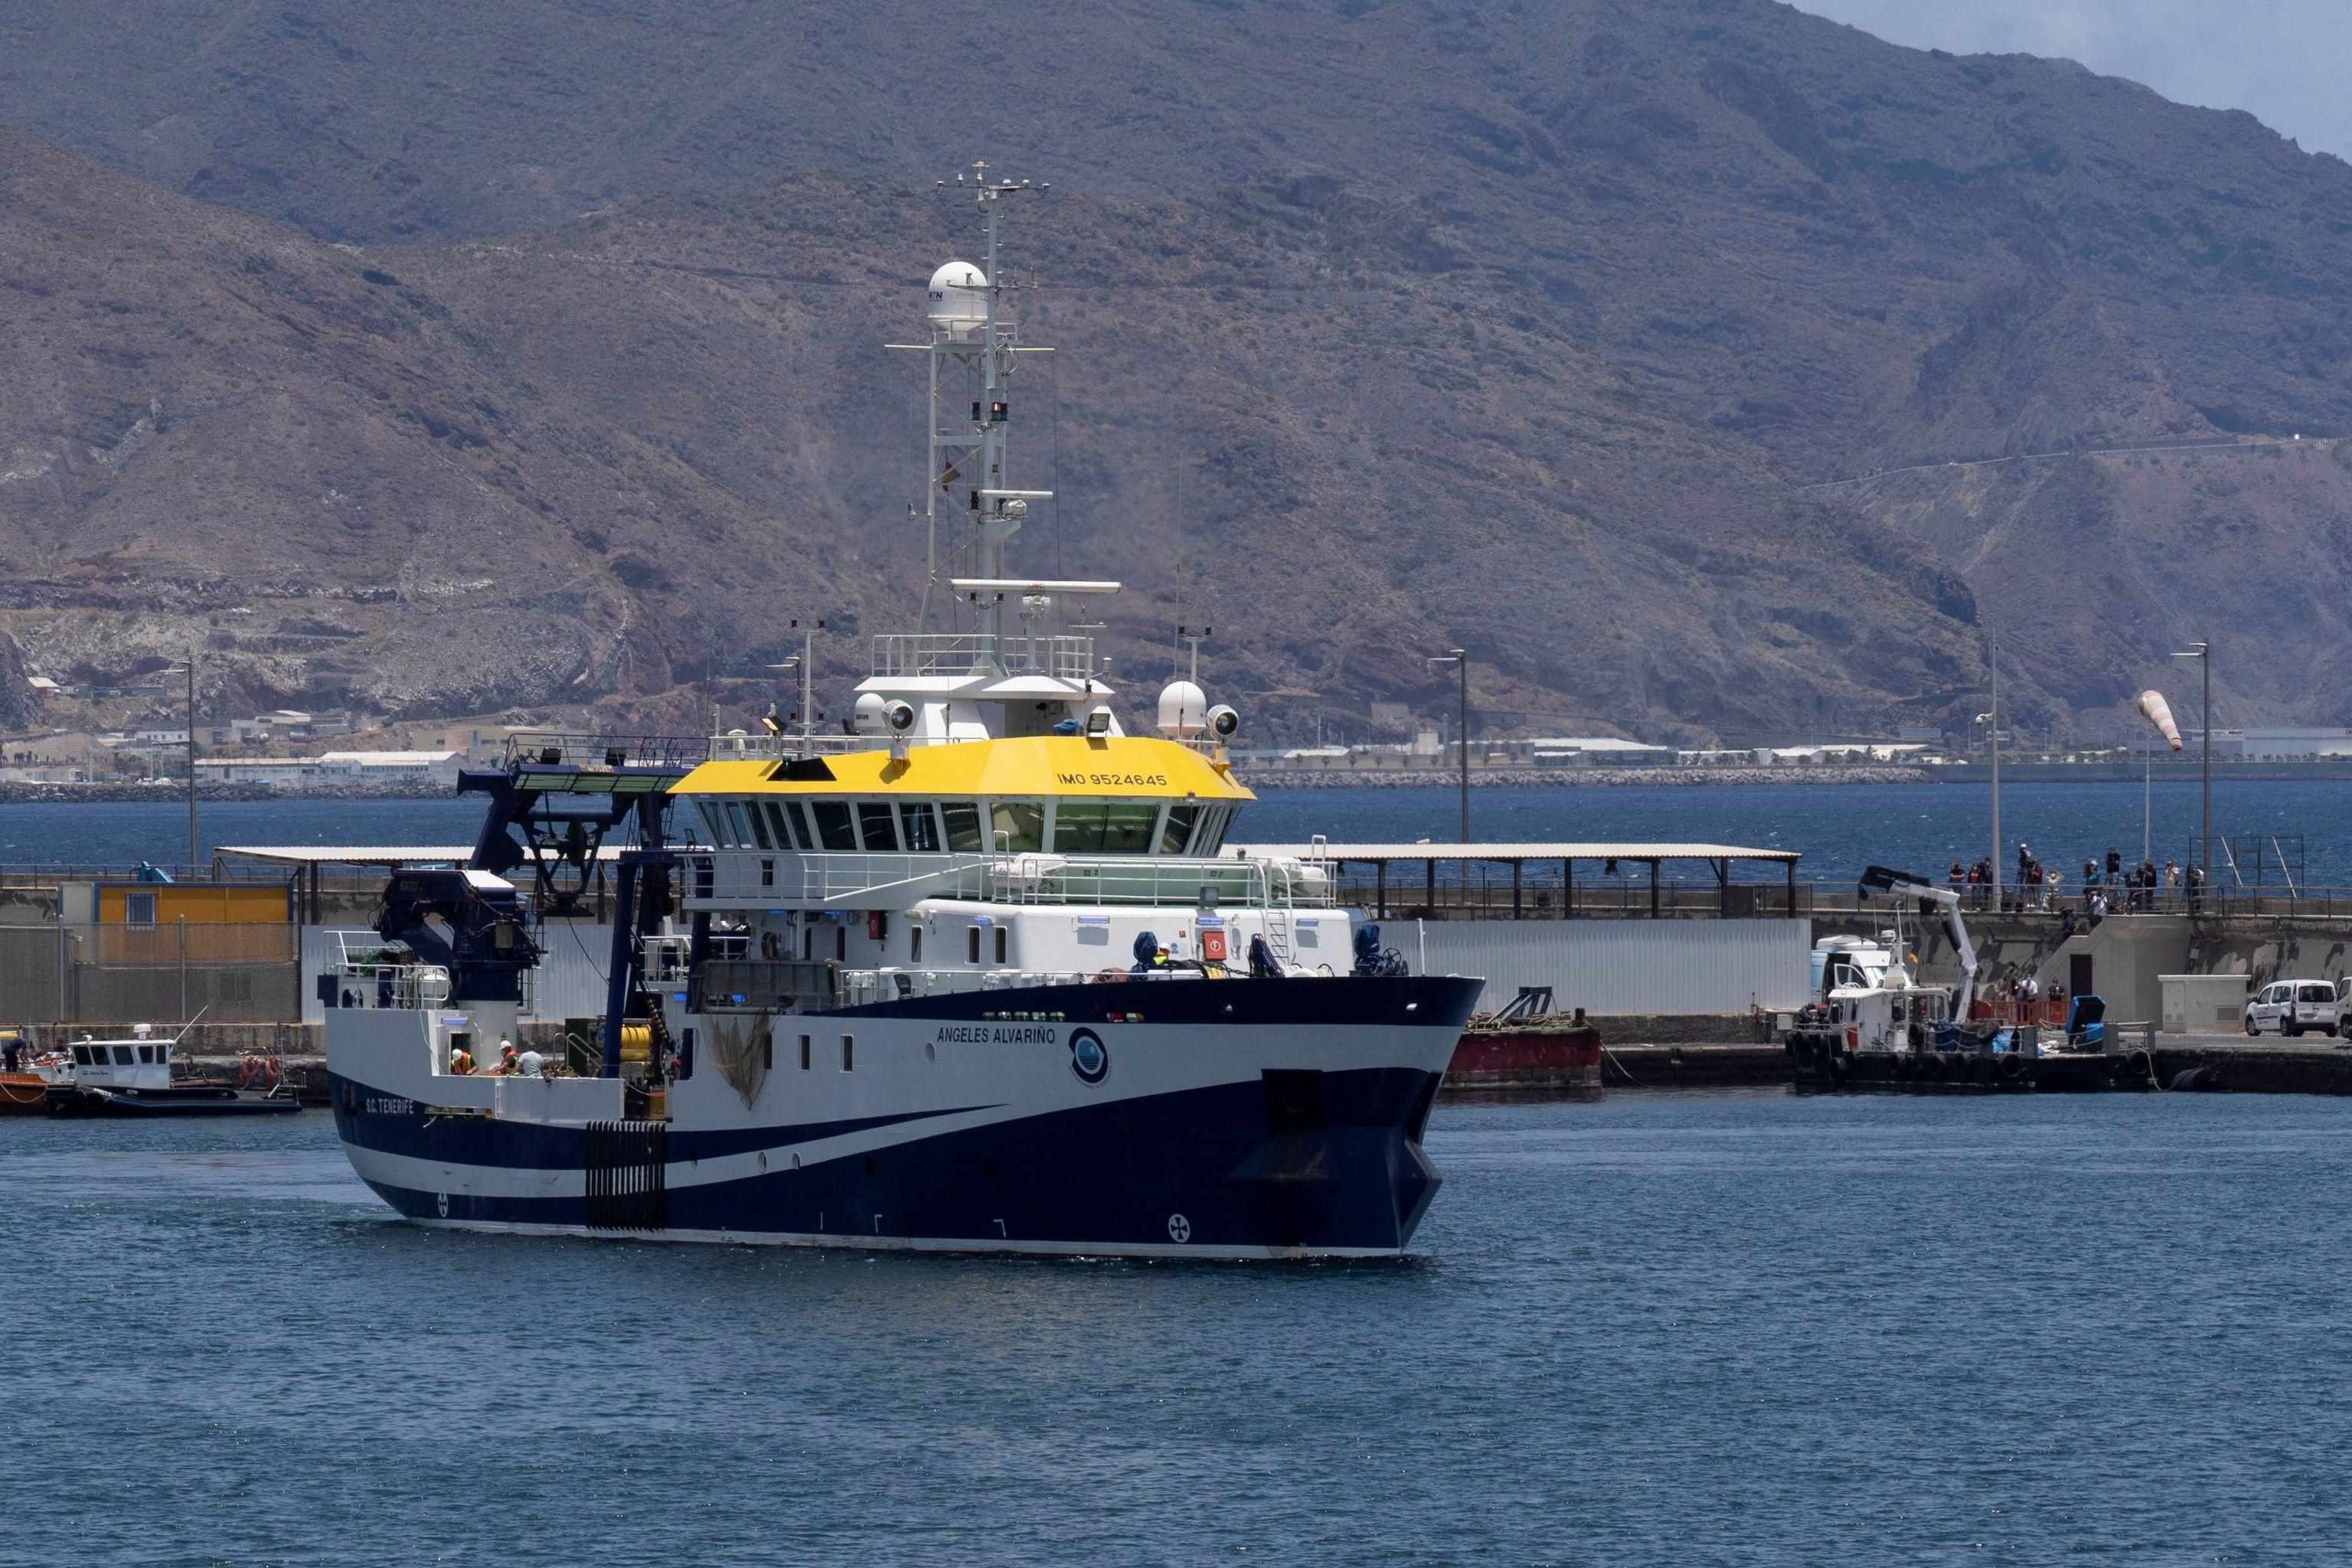 El buque del Instituto Español de Oceanografía 'Ángeles Alvariño' durante el rastreo en Tenerife.